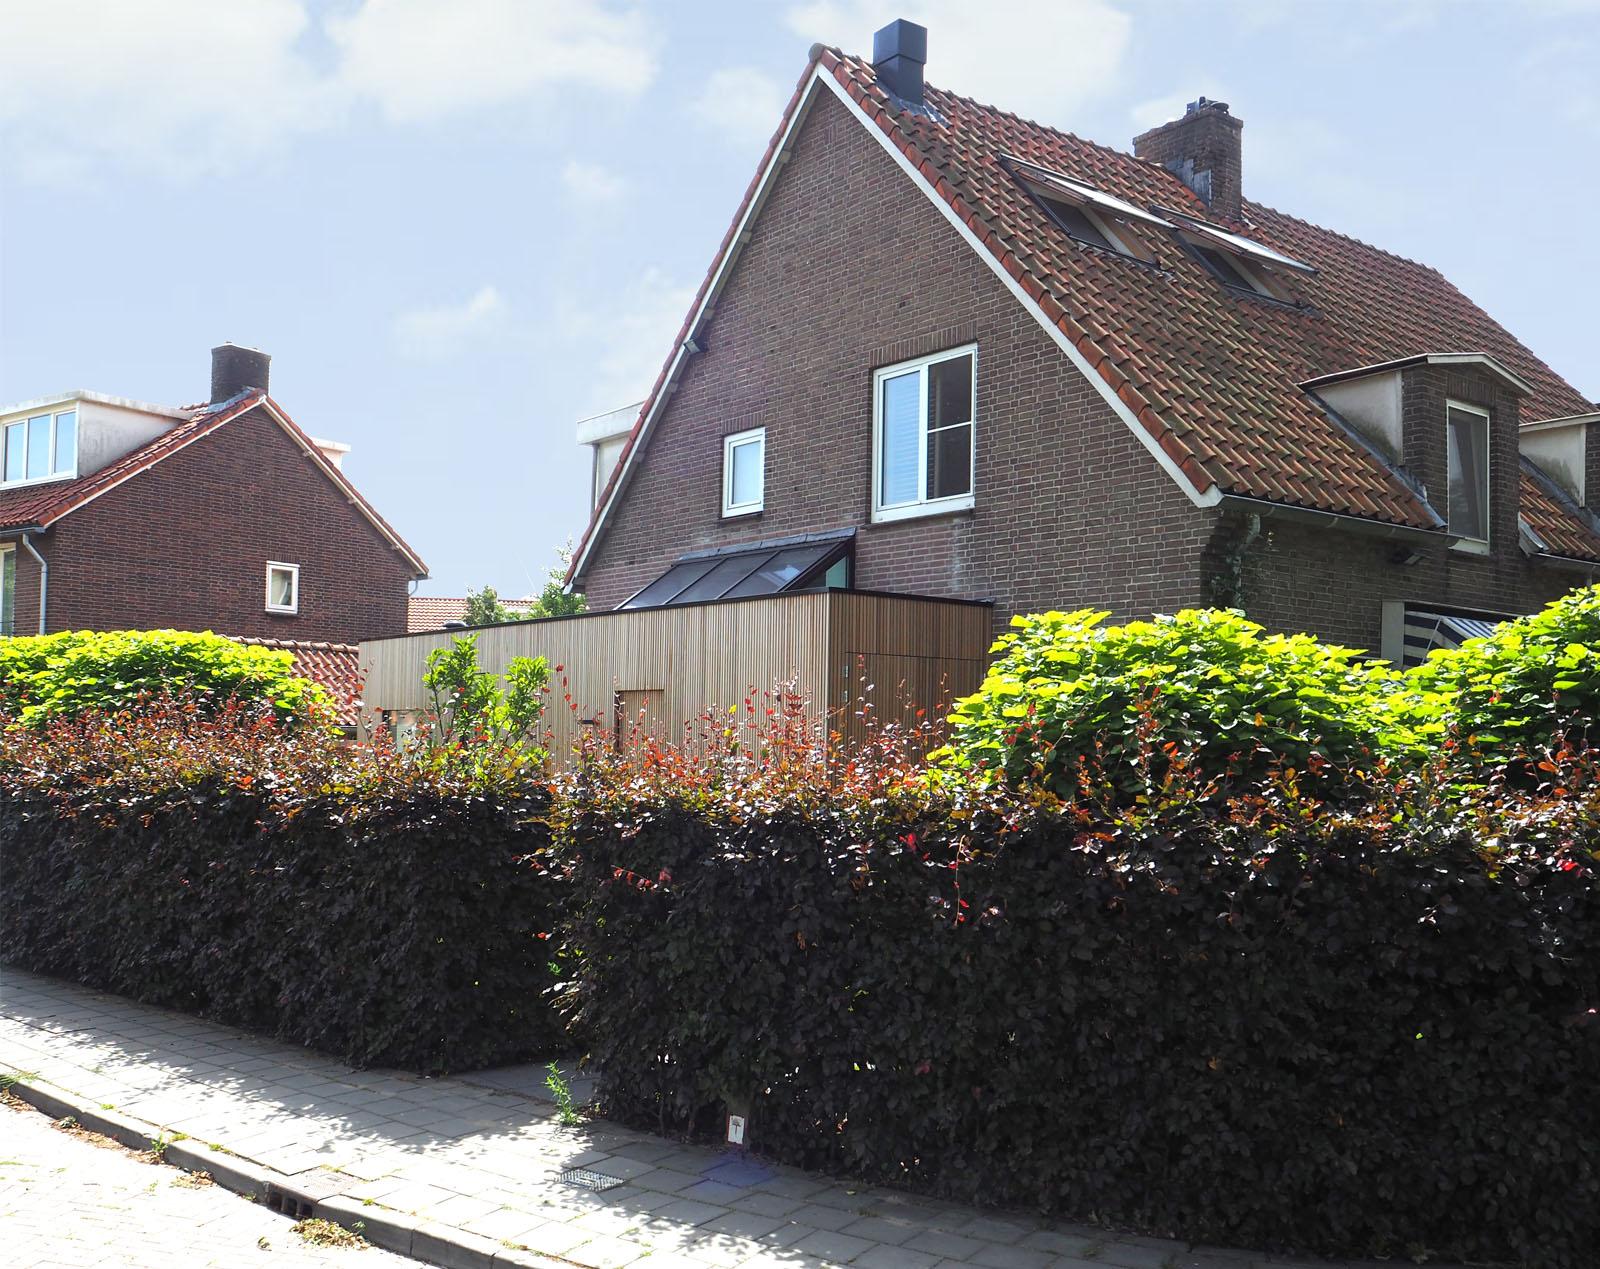 jeroen_de_nijs_ouderkerk_aanbouw_side_latestnews